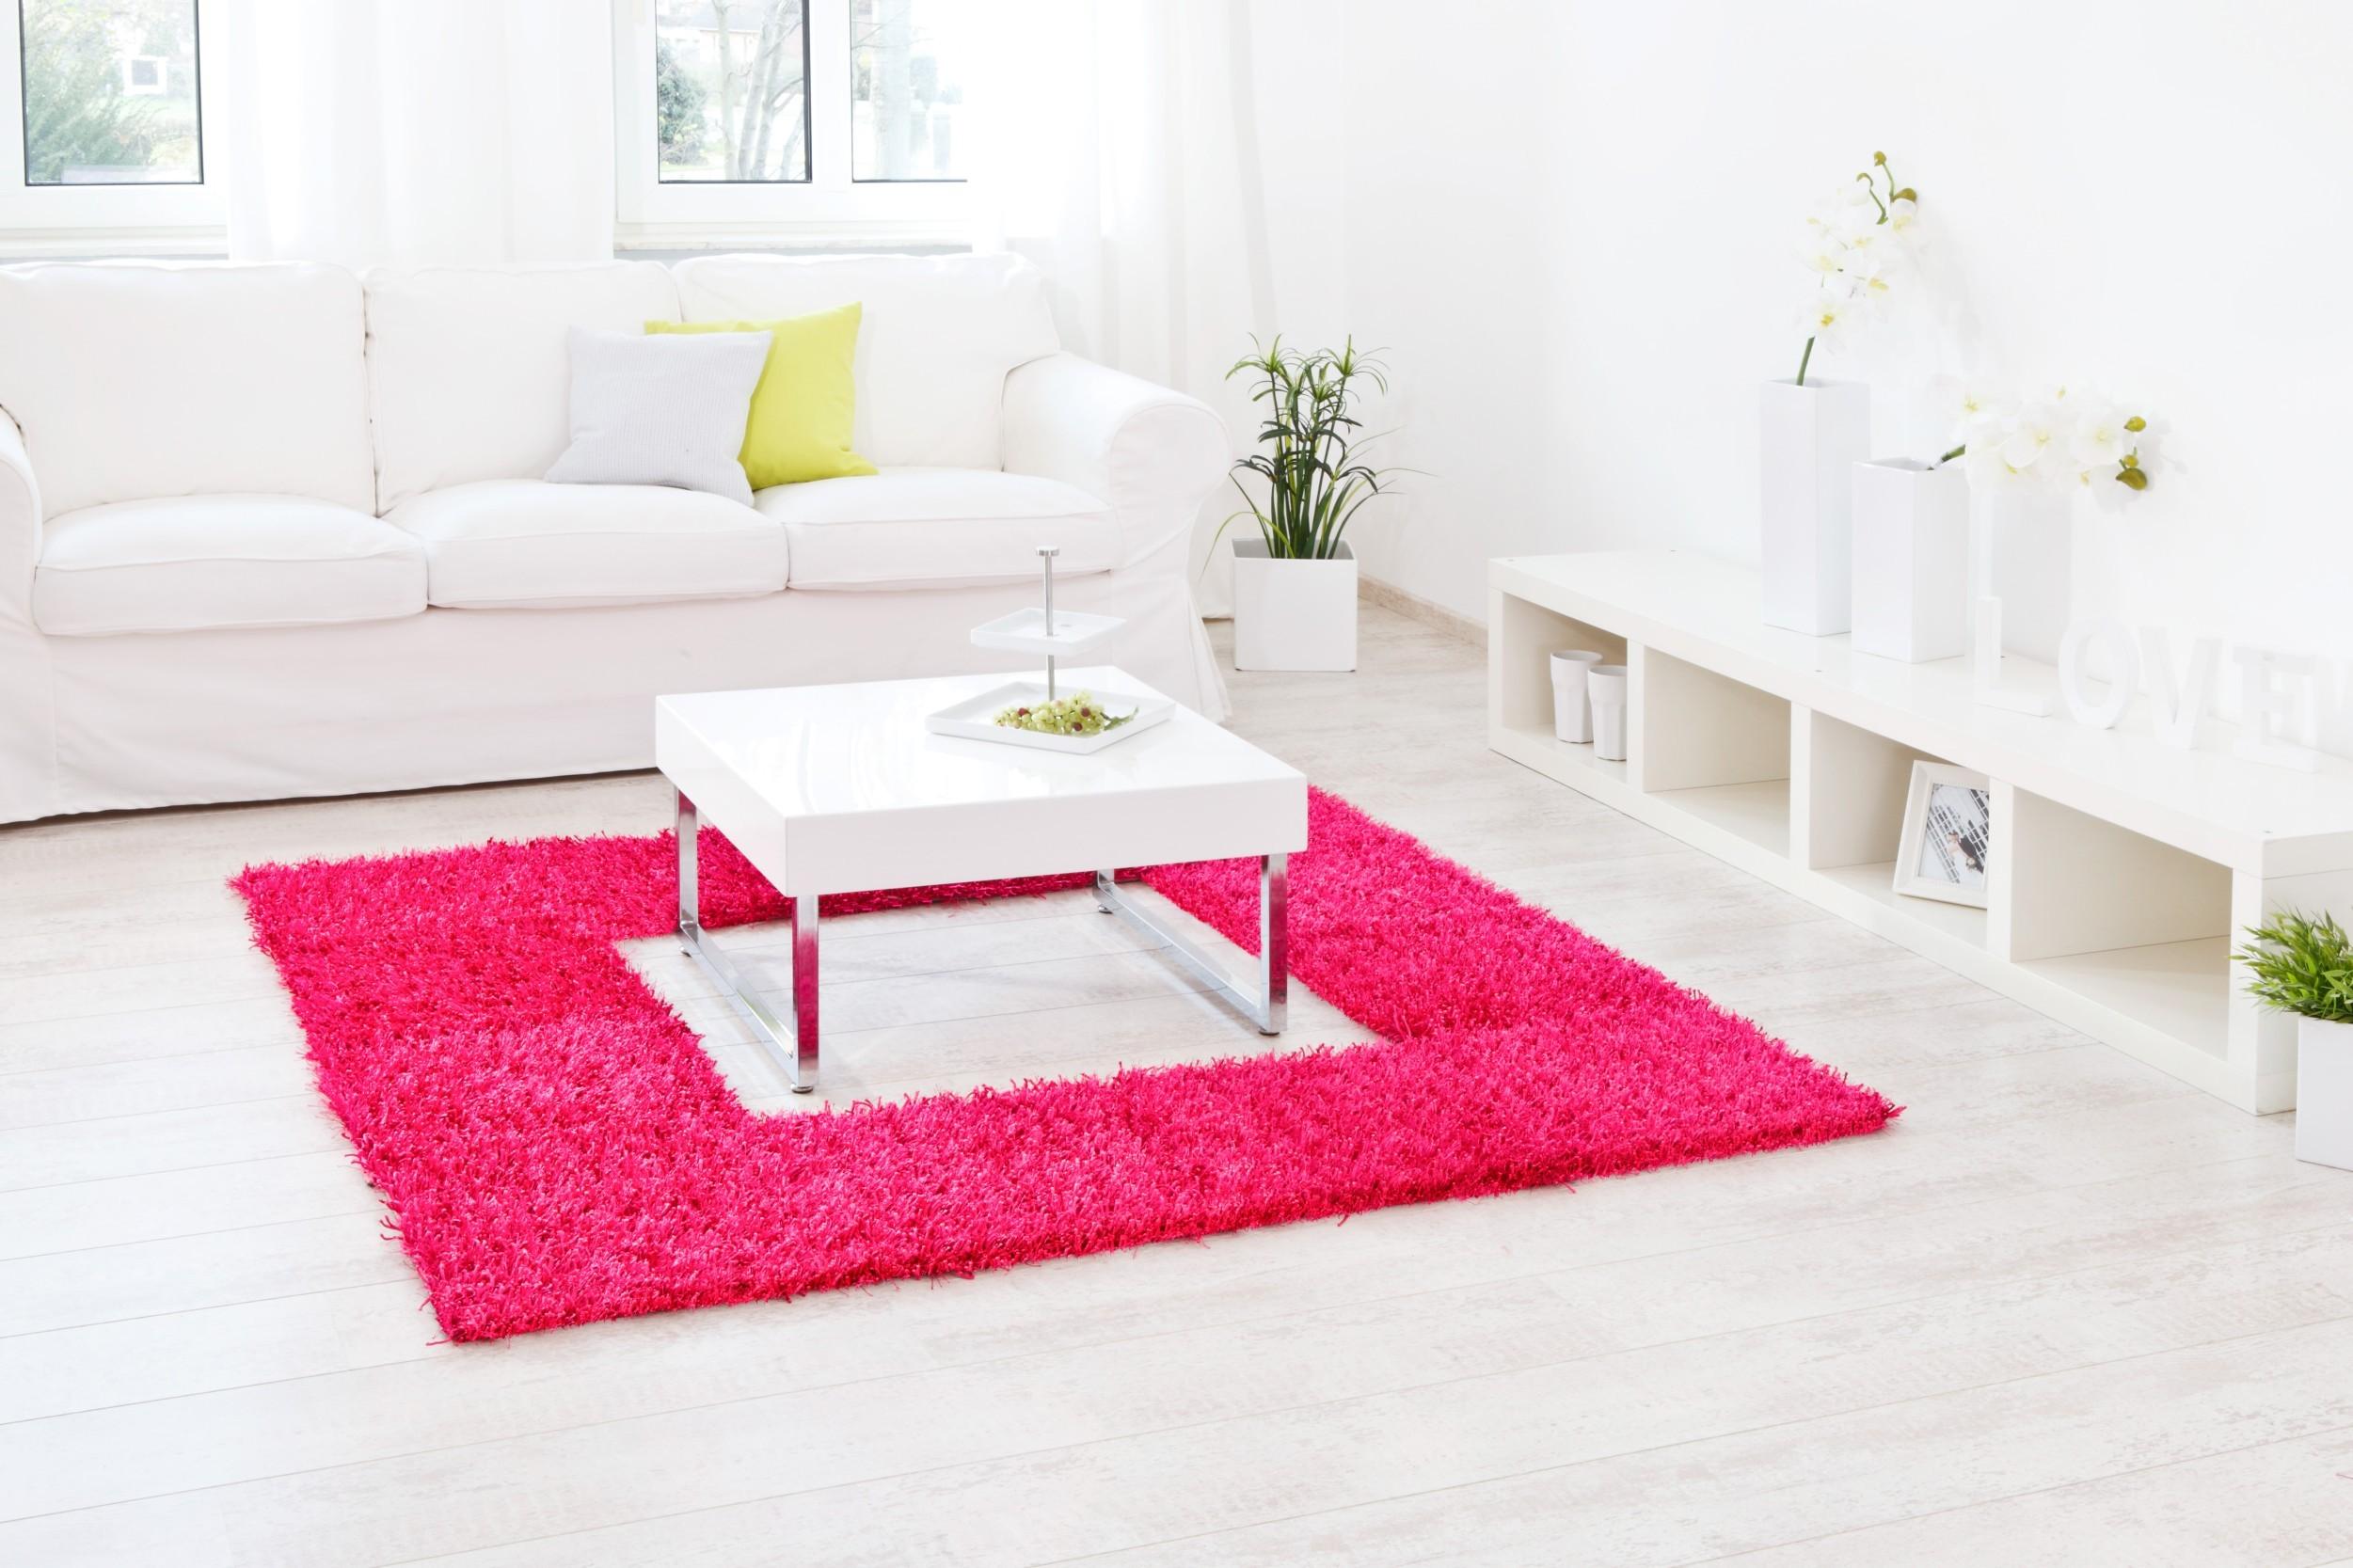 Teppich Al Mano Beispiel: pinkes Quadrat mit Loch in der Mitte für Couchtisch